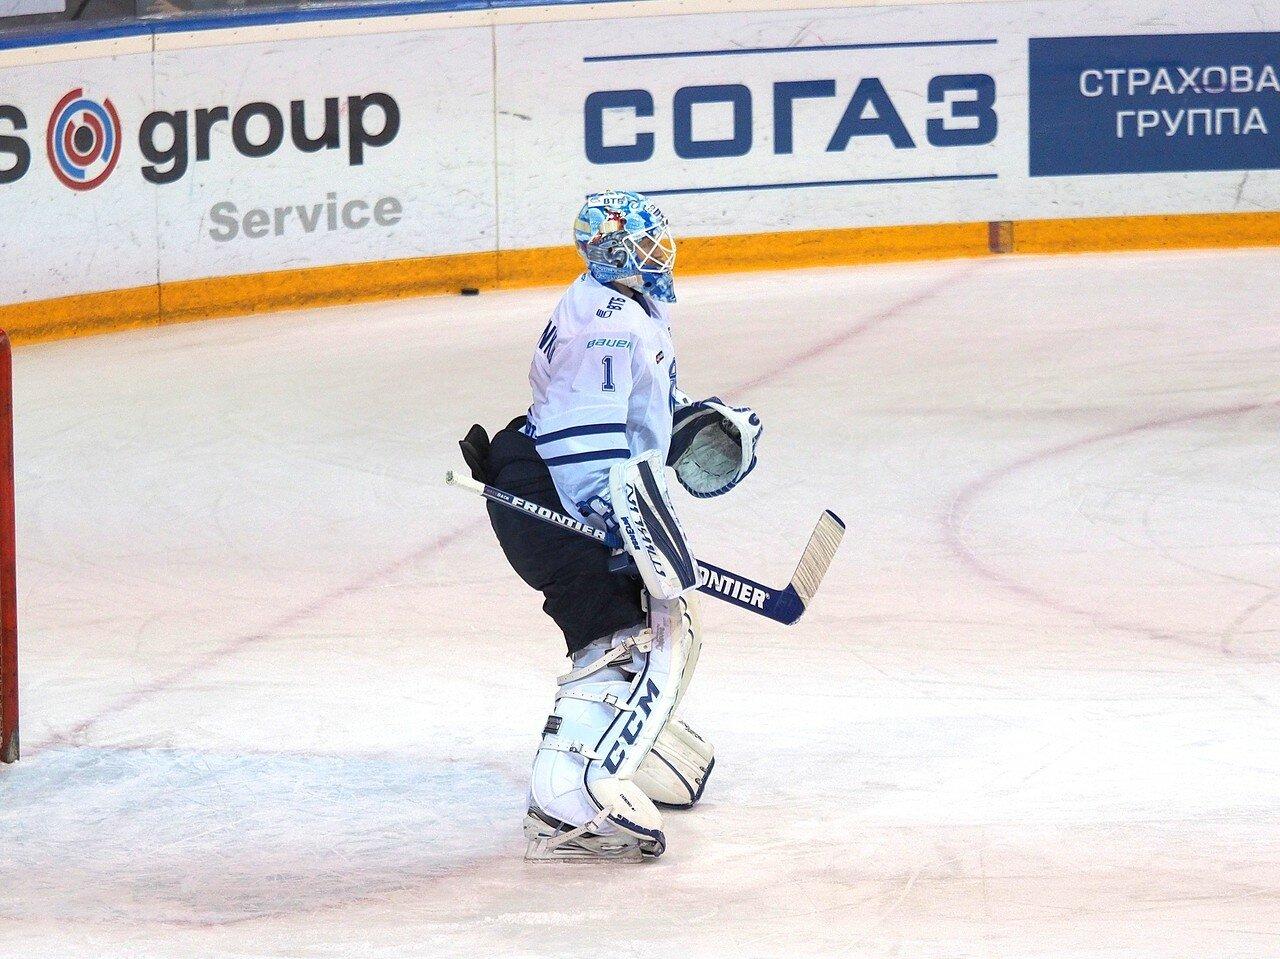 49Металлург - Динамо Москва 21.11.2016